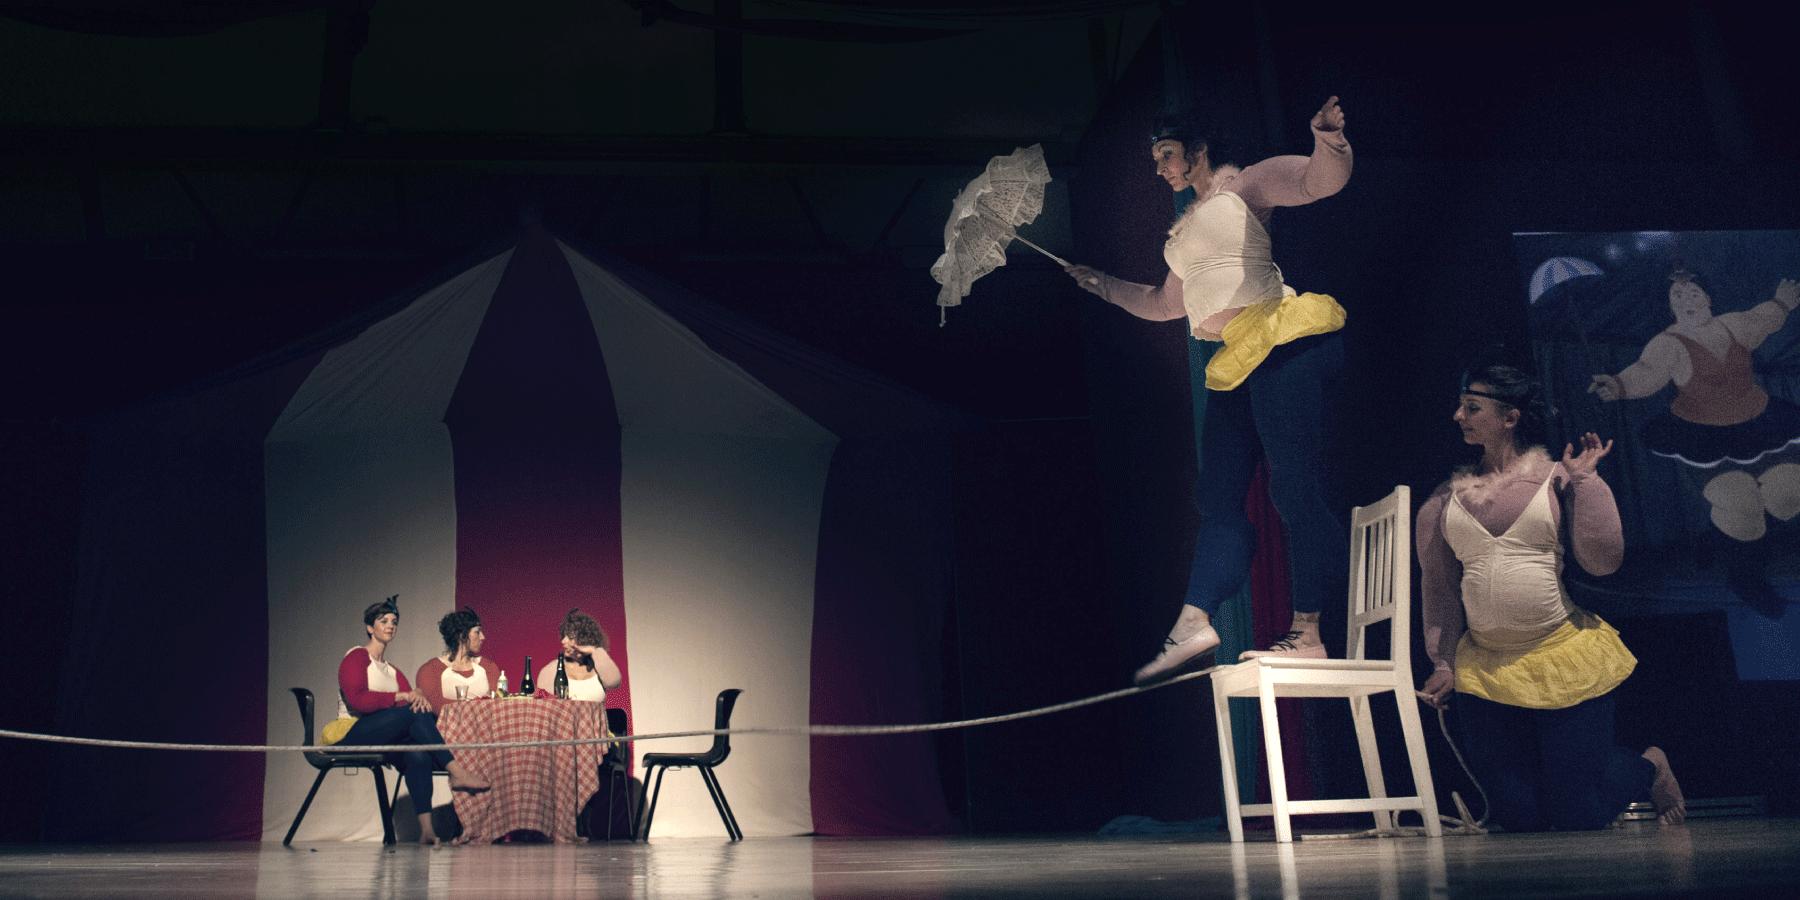 spettacolo teatrale di ballo